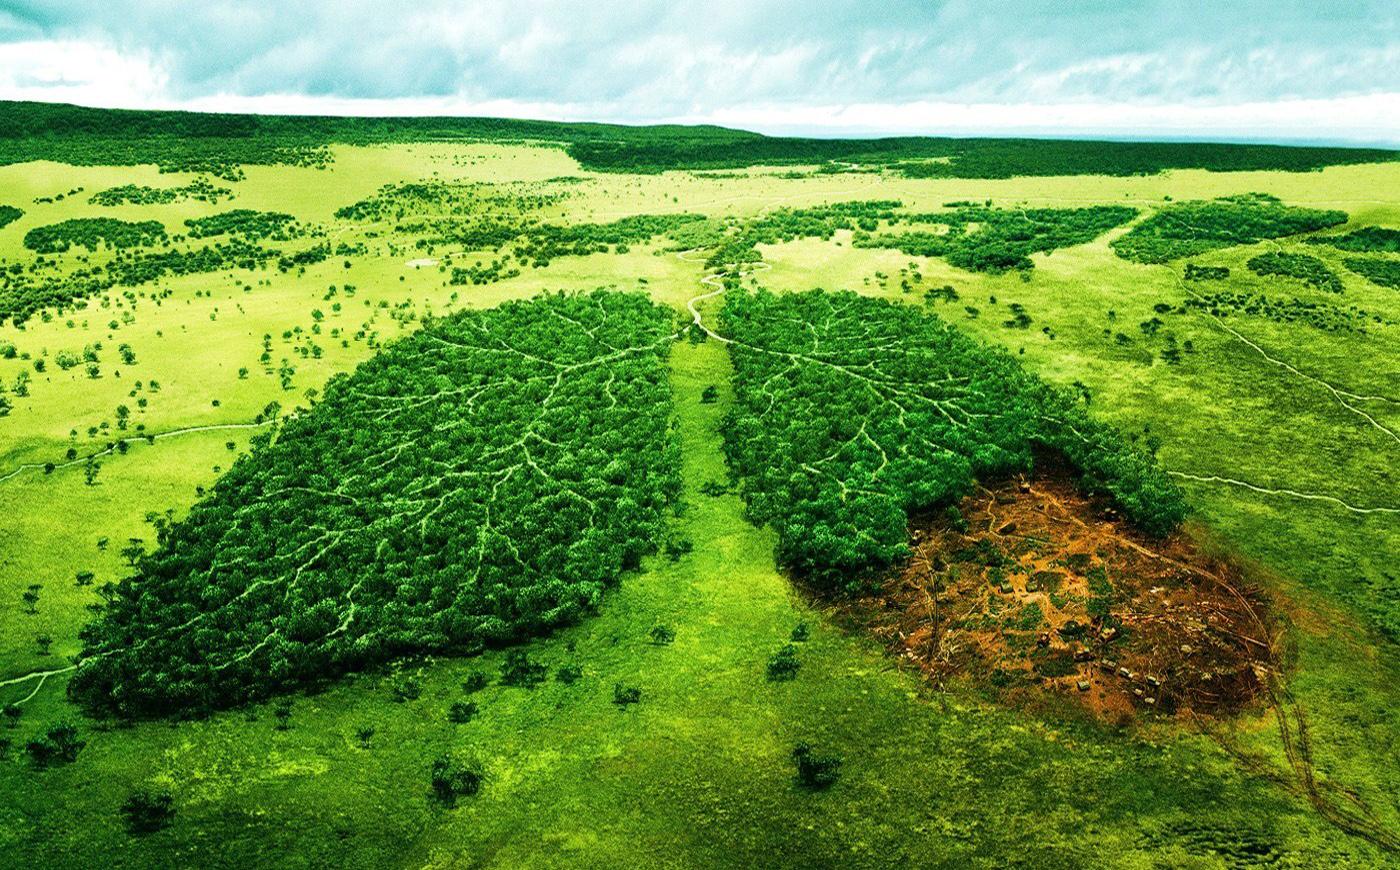 کشتارگاه صنعتی حفظ محیط زیست/ مقالت محیط زیستی/ شرکت مهندسی آب نیک/ طراحی ...